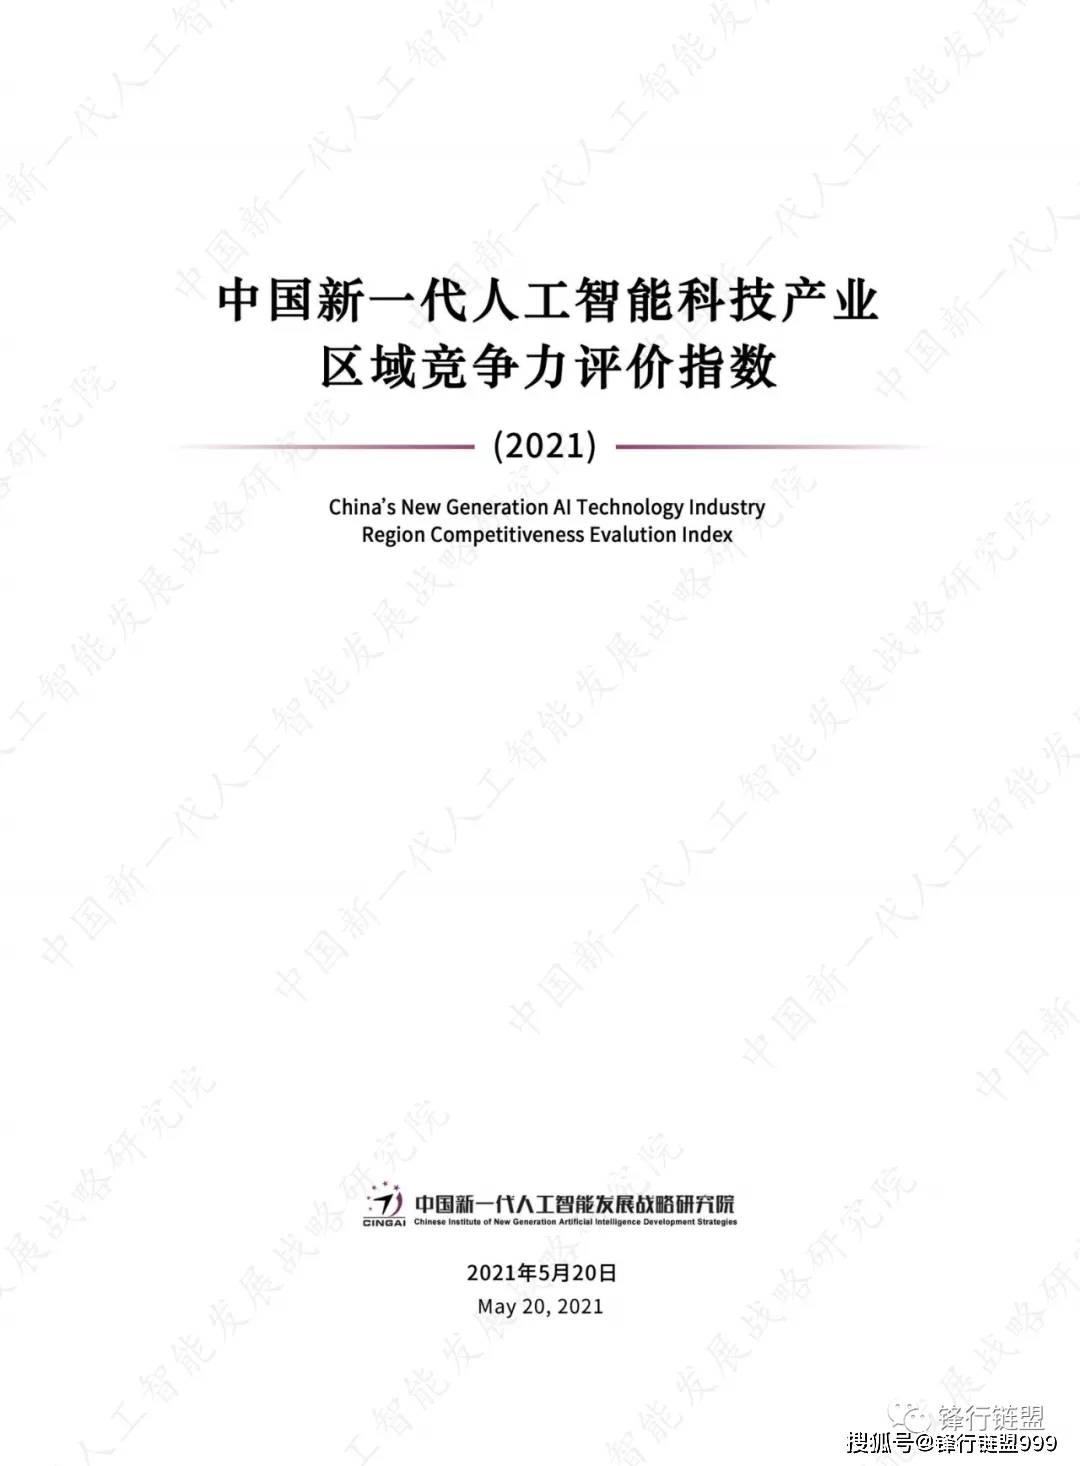 中國新一代人工智能科技產業區域競爭力評價指